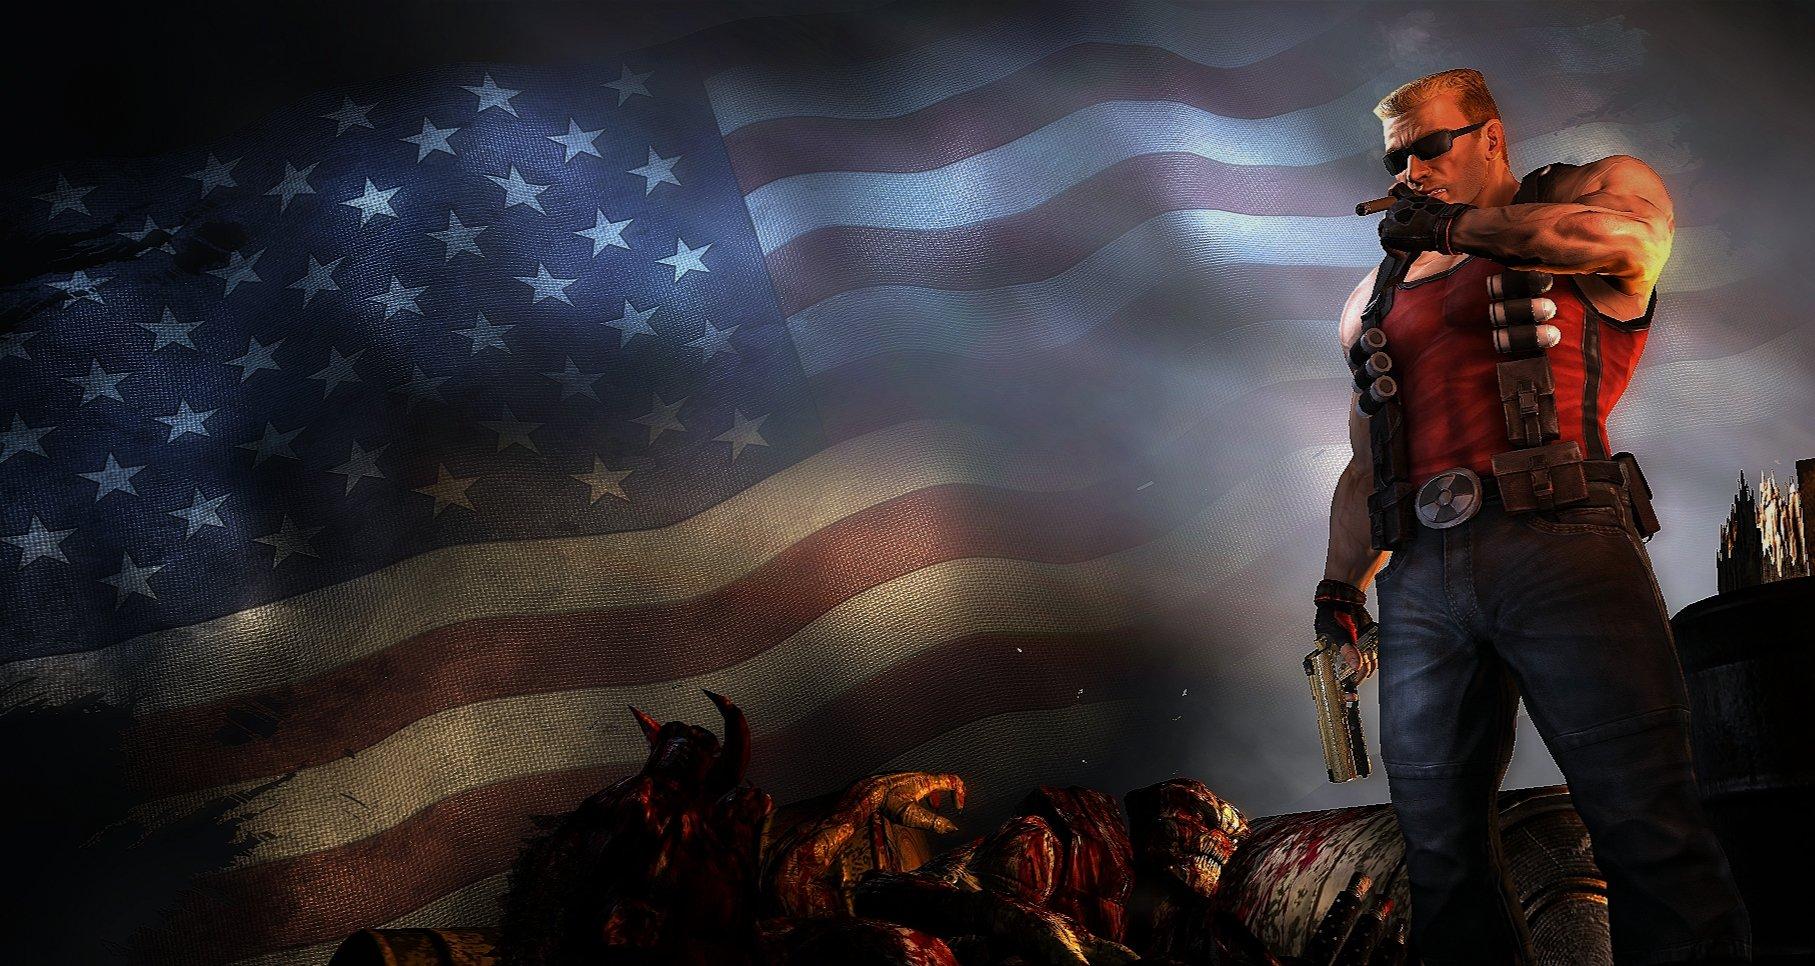 Duke Nukem Forever Screenshots Feature Duke's Atomic Monster Truck #16683